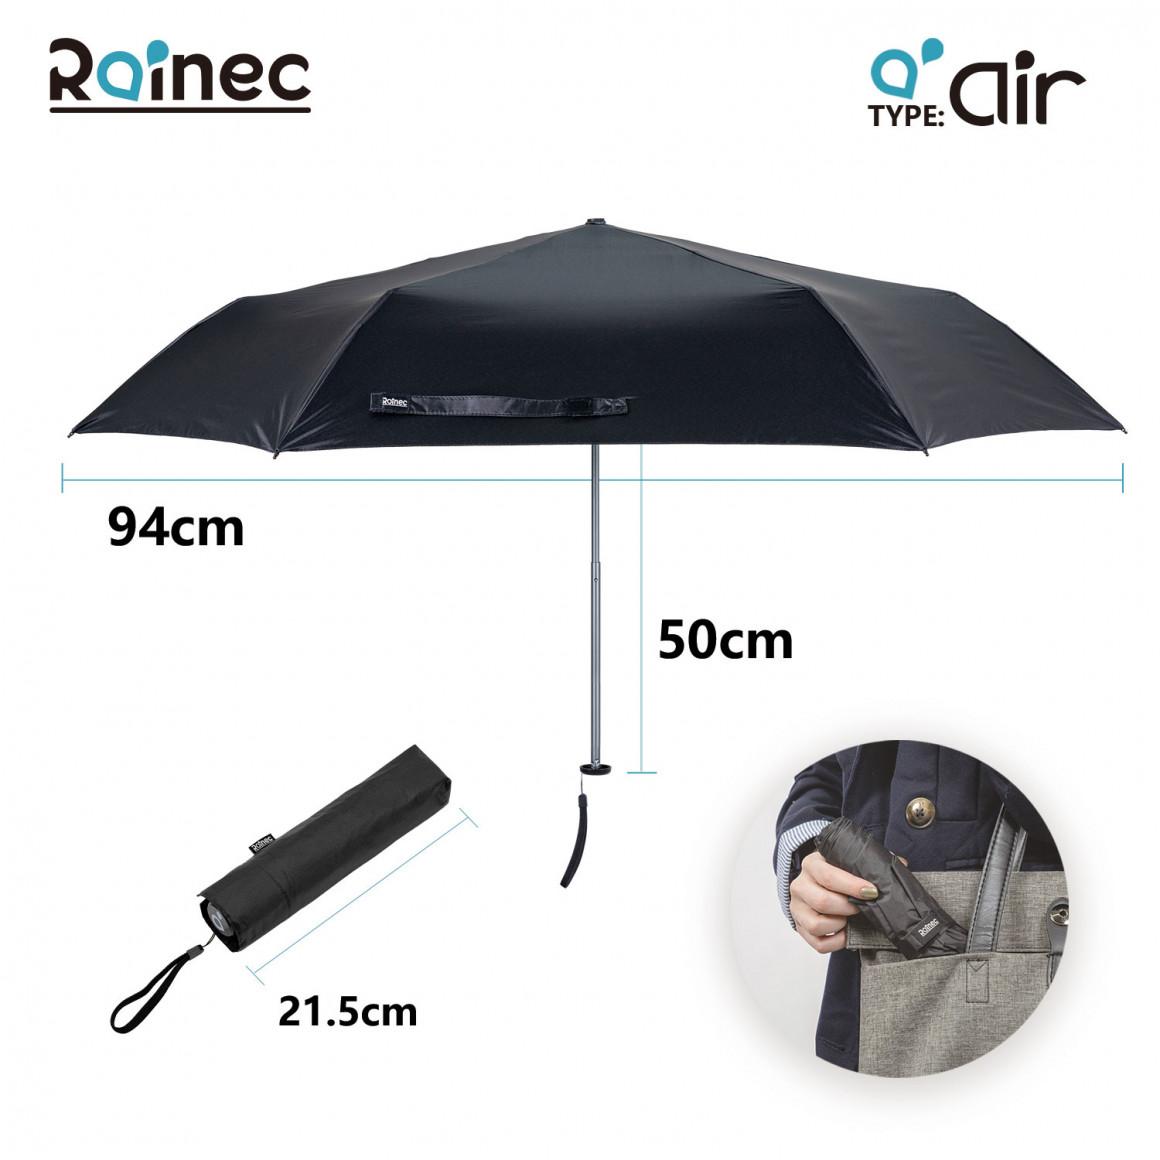 rainec-air-black-02-1160x1160.jpg